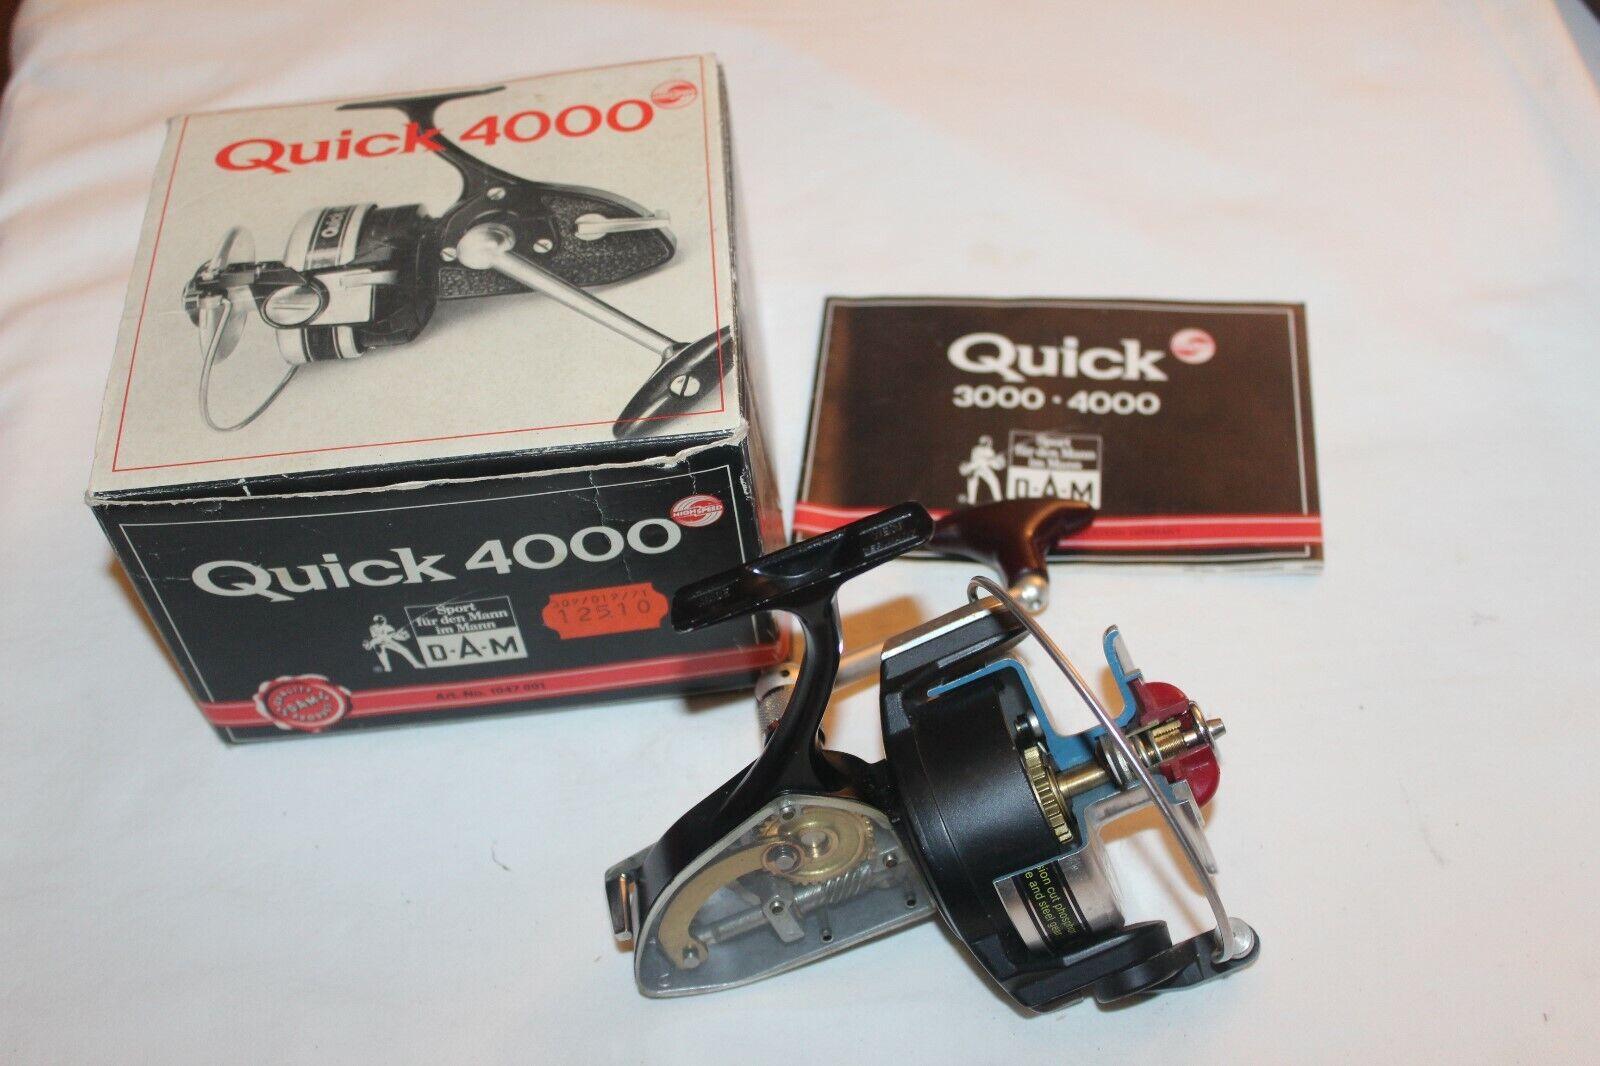 Dam Quick 4000-sezione Model-Nuovo in ovp-nr-1536